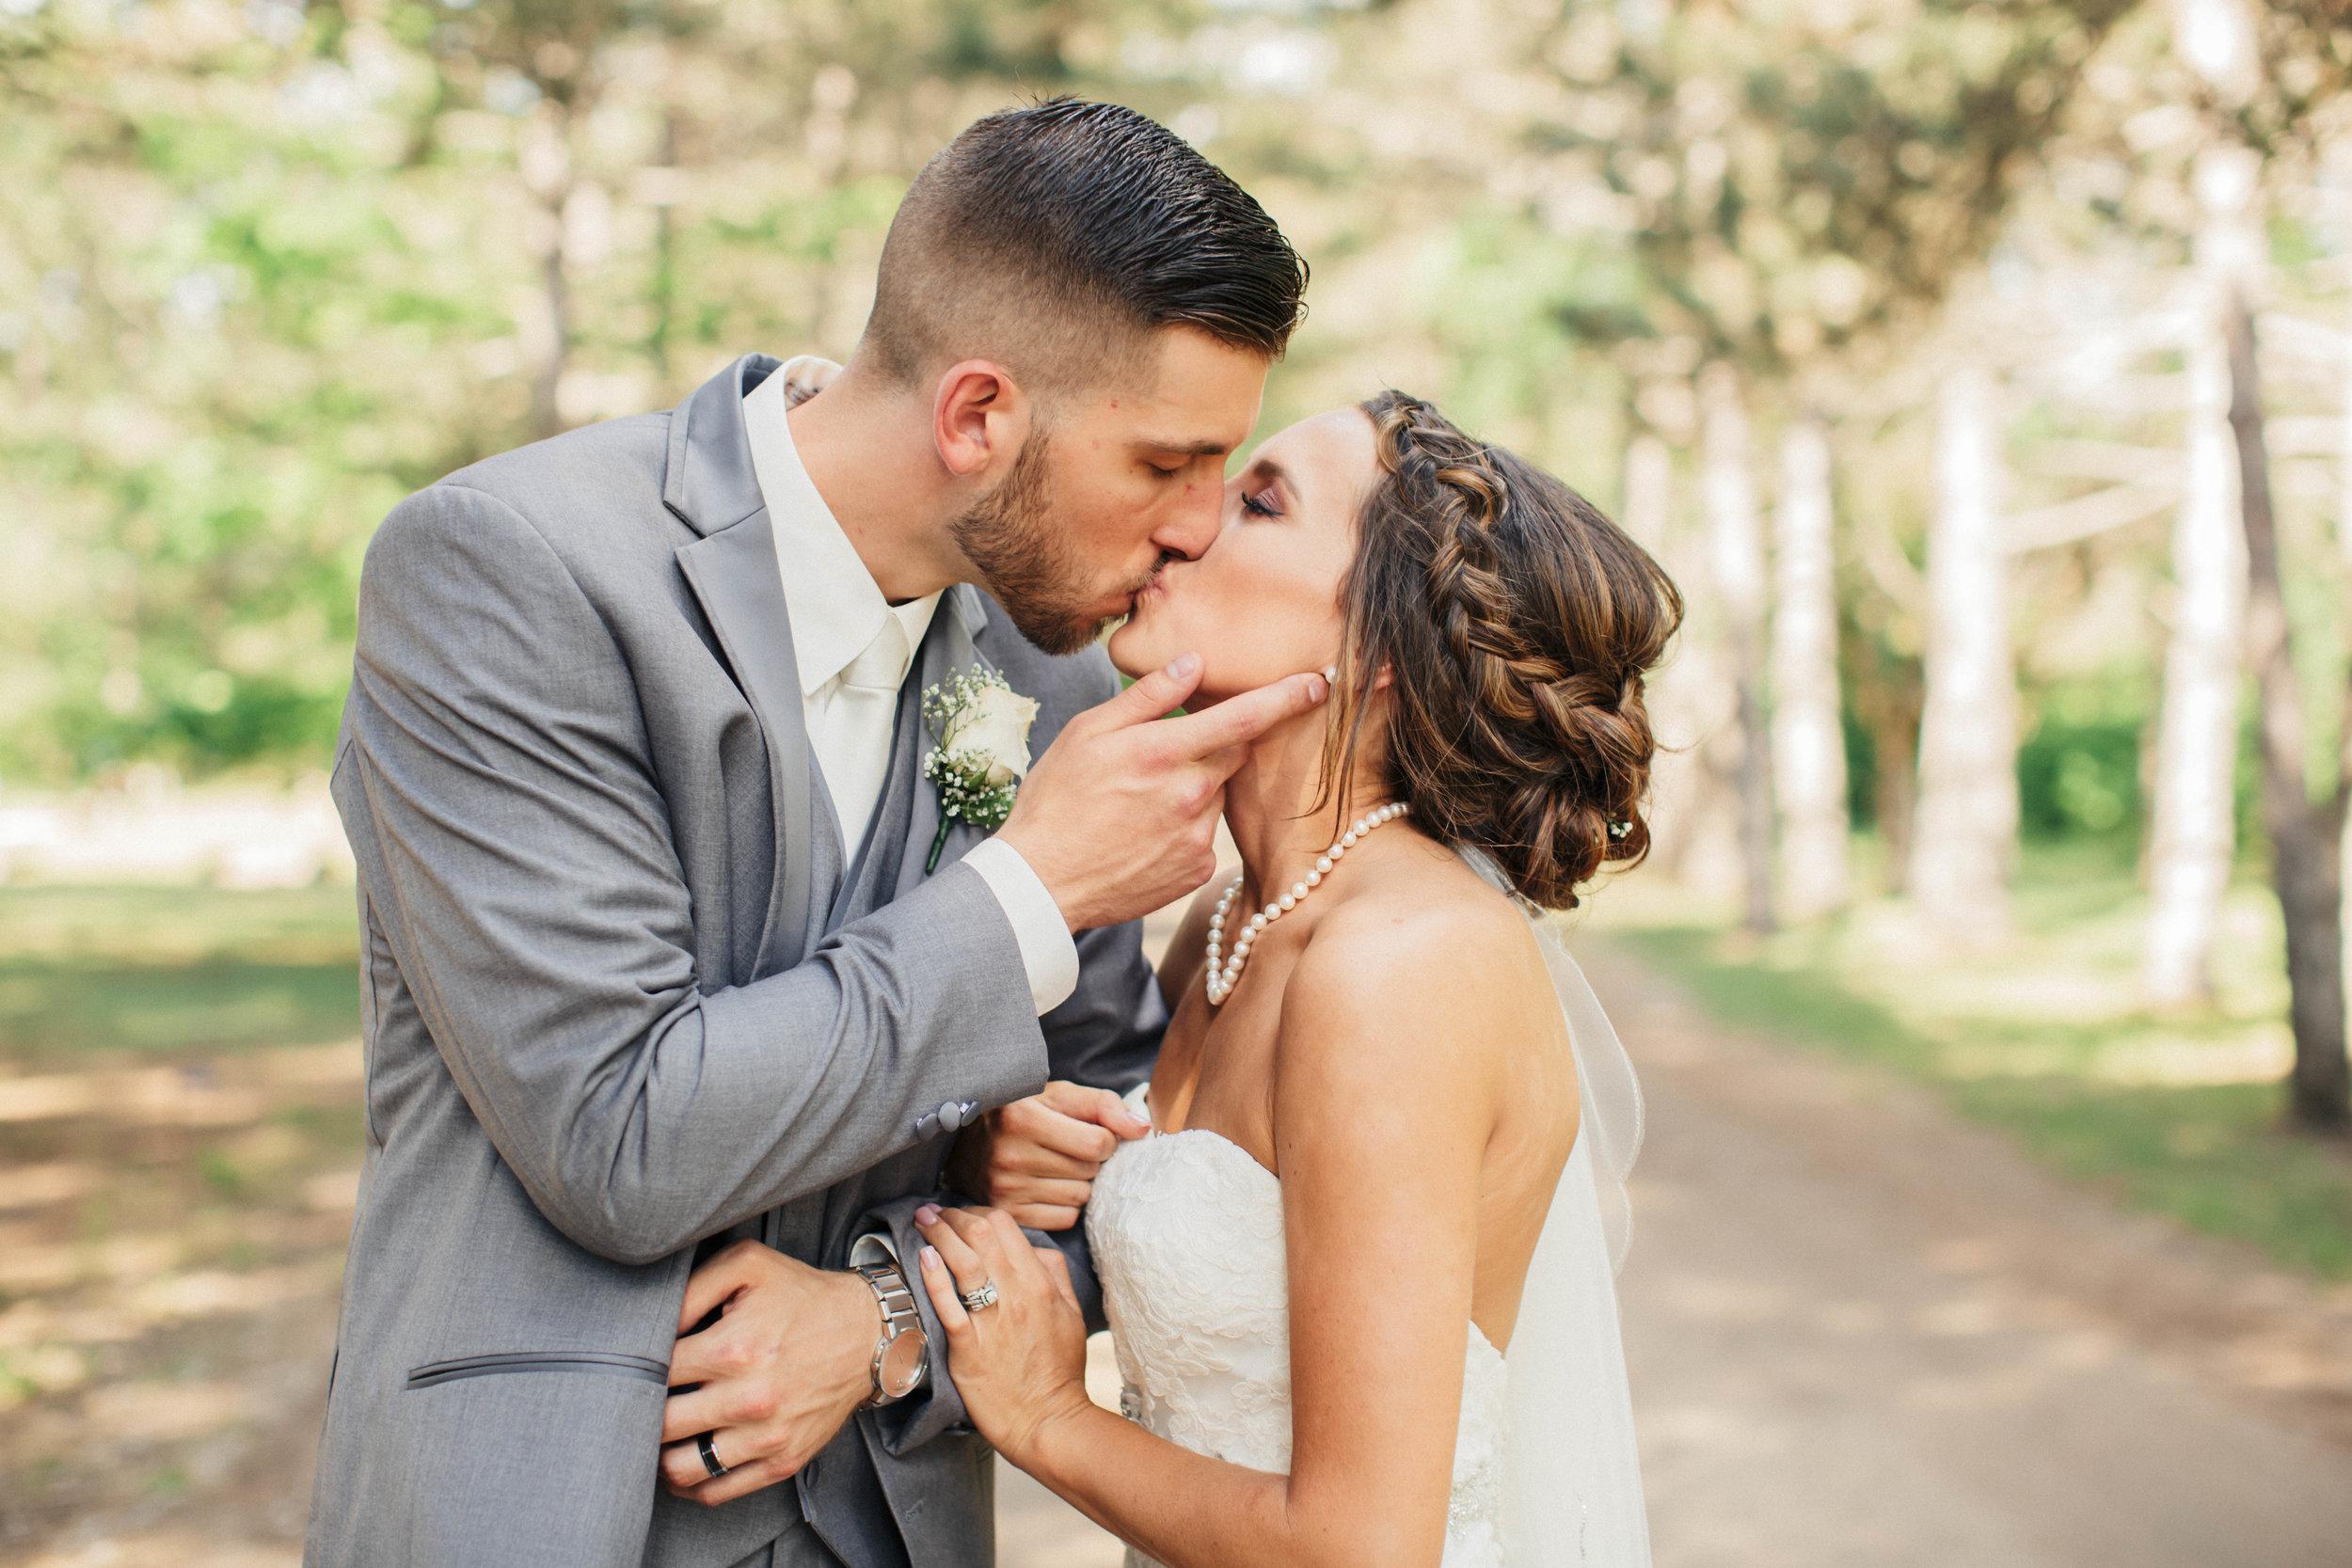 Nicole_Marie_Photography_Luxury_Wedding_Photographer-649.jpg